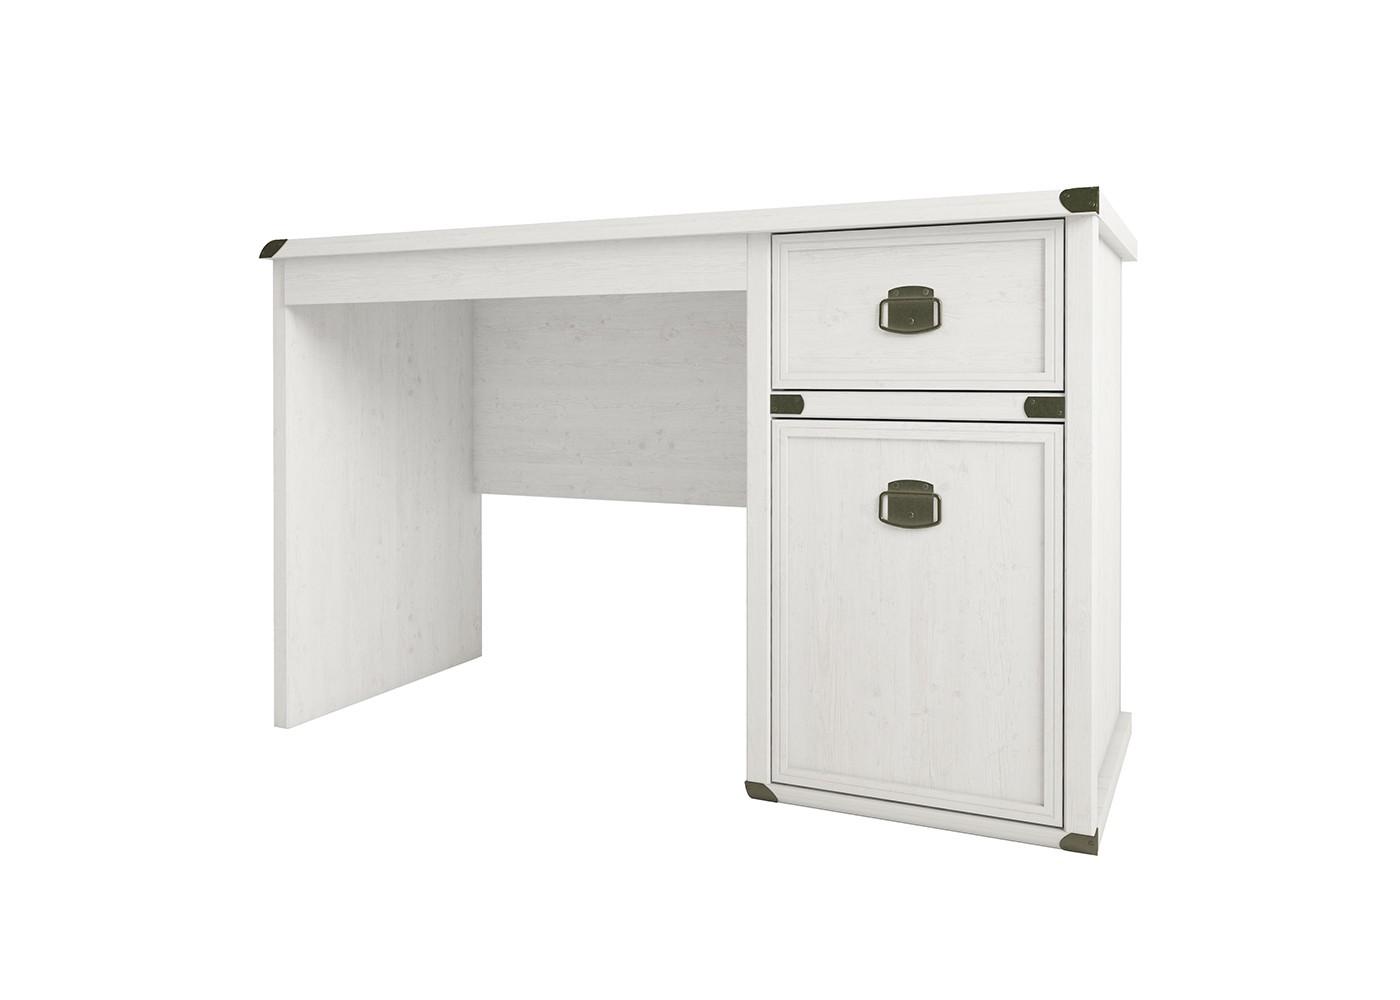 Стол MagellanПисьменные столы<br>Мебель, вдохновленная морскими мотивами, привлекающая тех, кто остается в душе романтиком и мечтает о далеких странах. Декоративные элементы и оригинальные ручки выигрышно смотрятся в любом интерьере. Коллекция сделана с упором на надежность, функциональность и высокое качество.&amp;amp;nbsp;<br><br>Material: МДФ<br>Ширина см: 120.0<br>Высота см: 75.0<br>Глубина см: 60.0